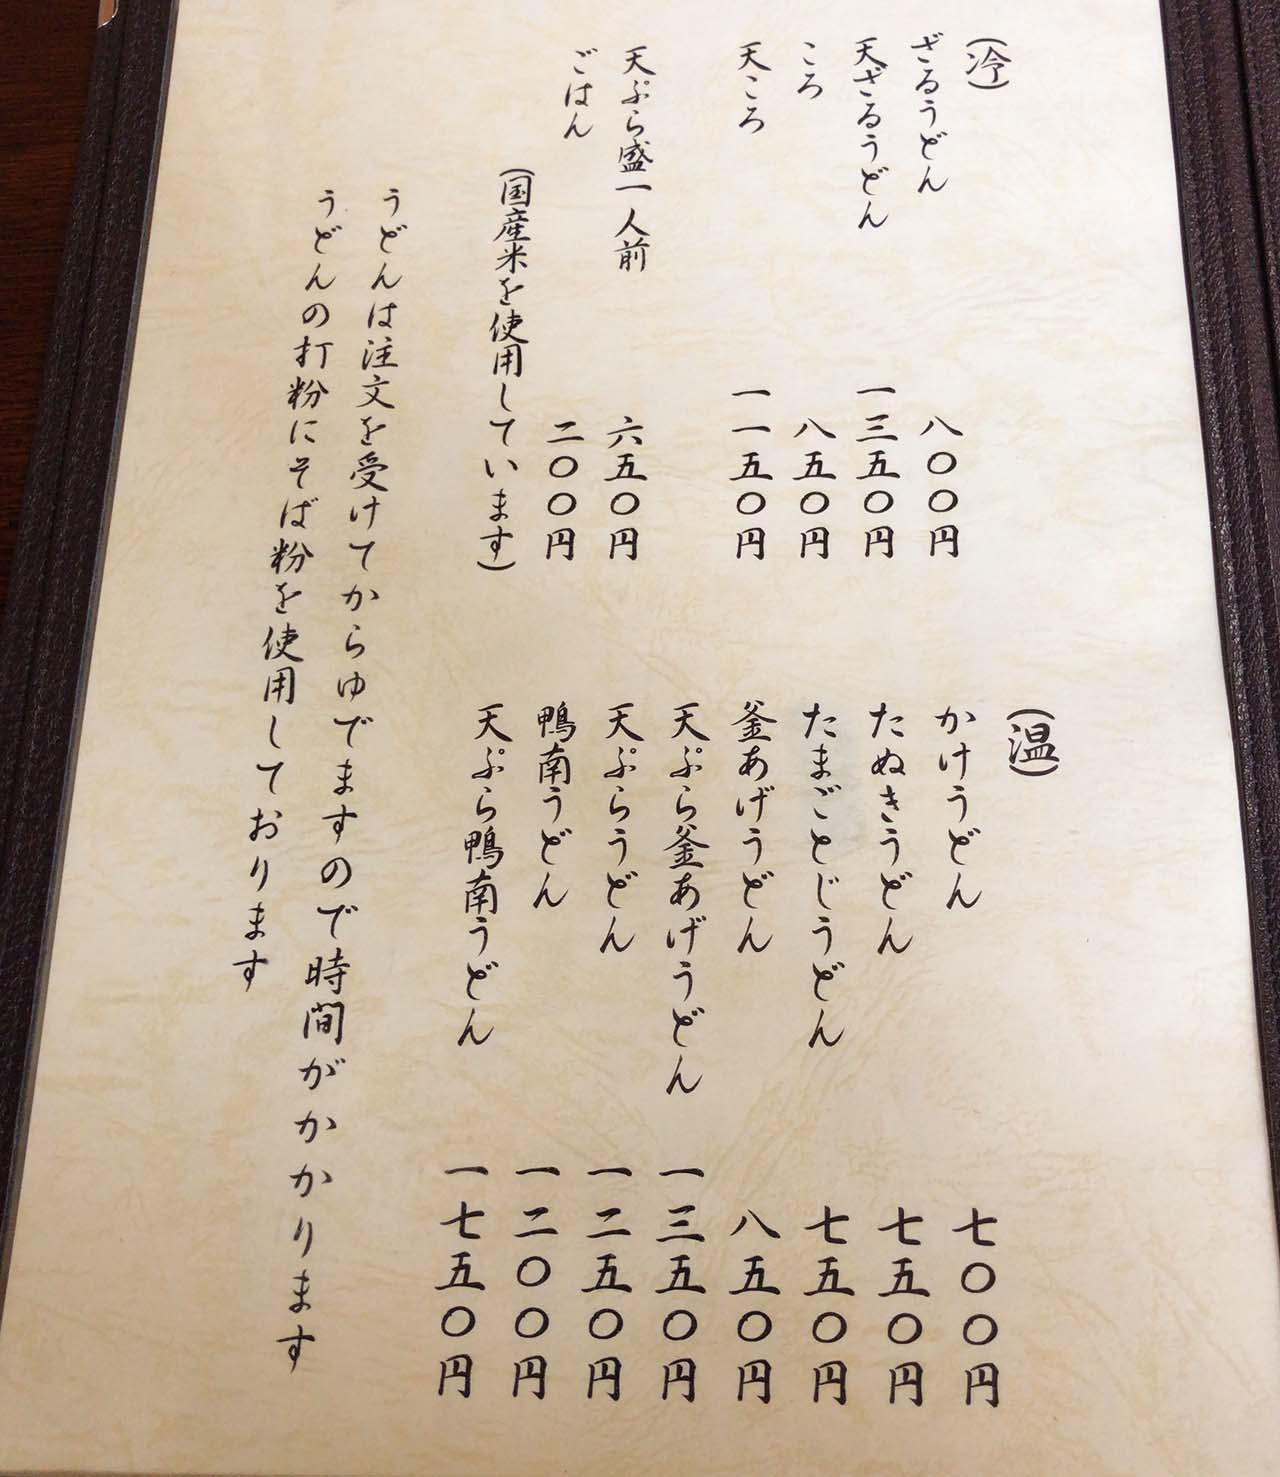 恵那市の恵那峡の食事処そば屋照久庵のランチメニュー表うどん